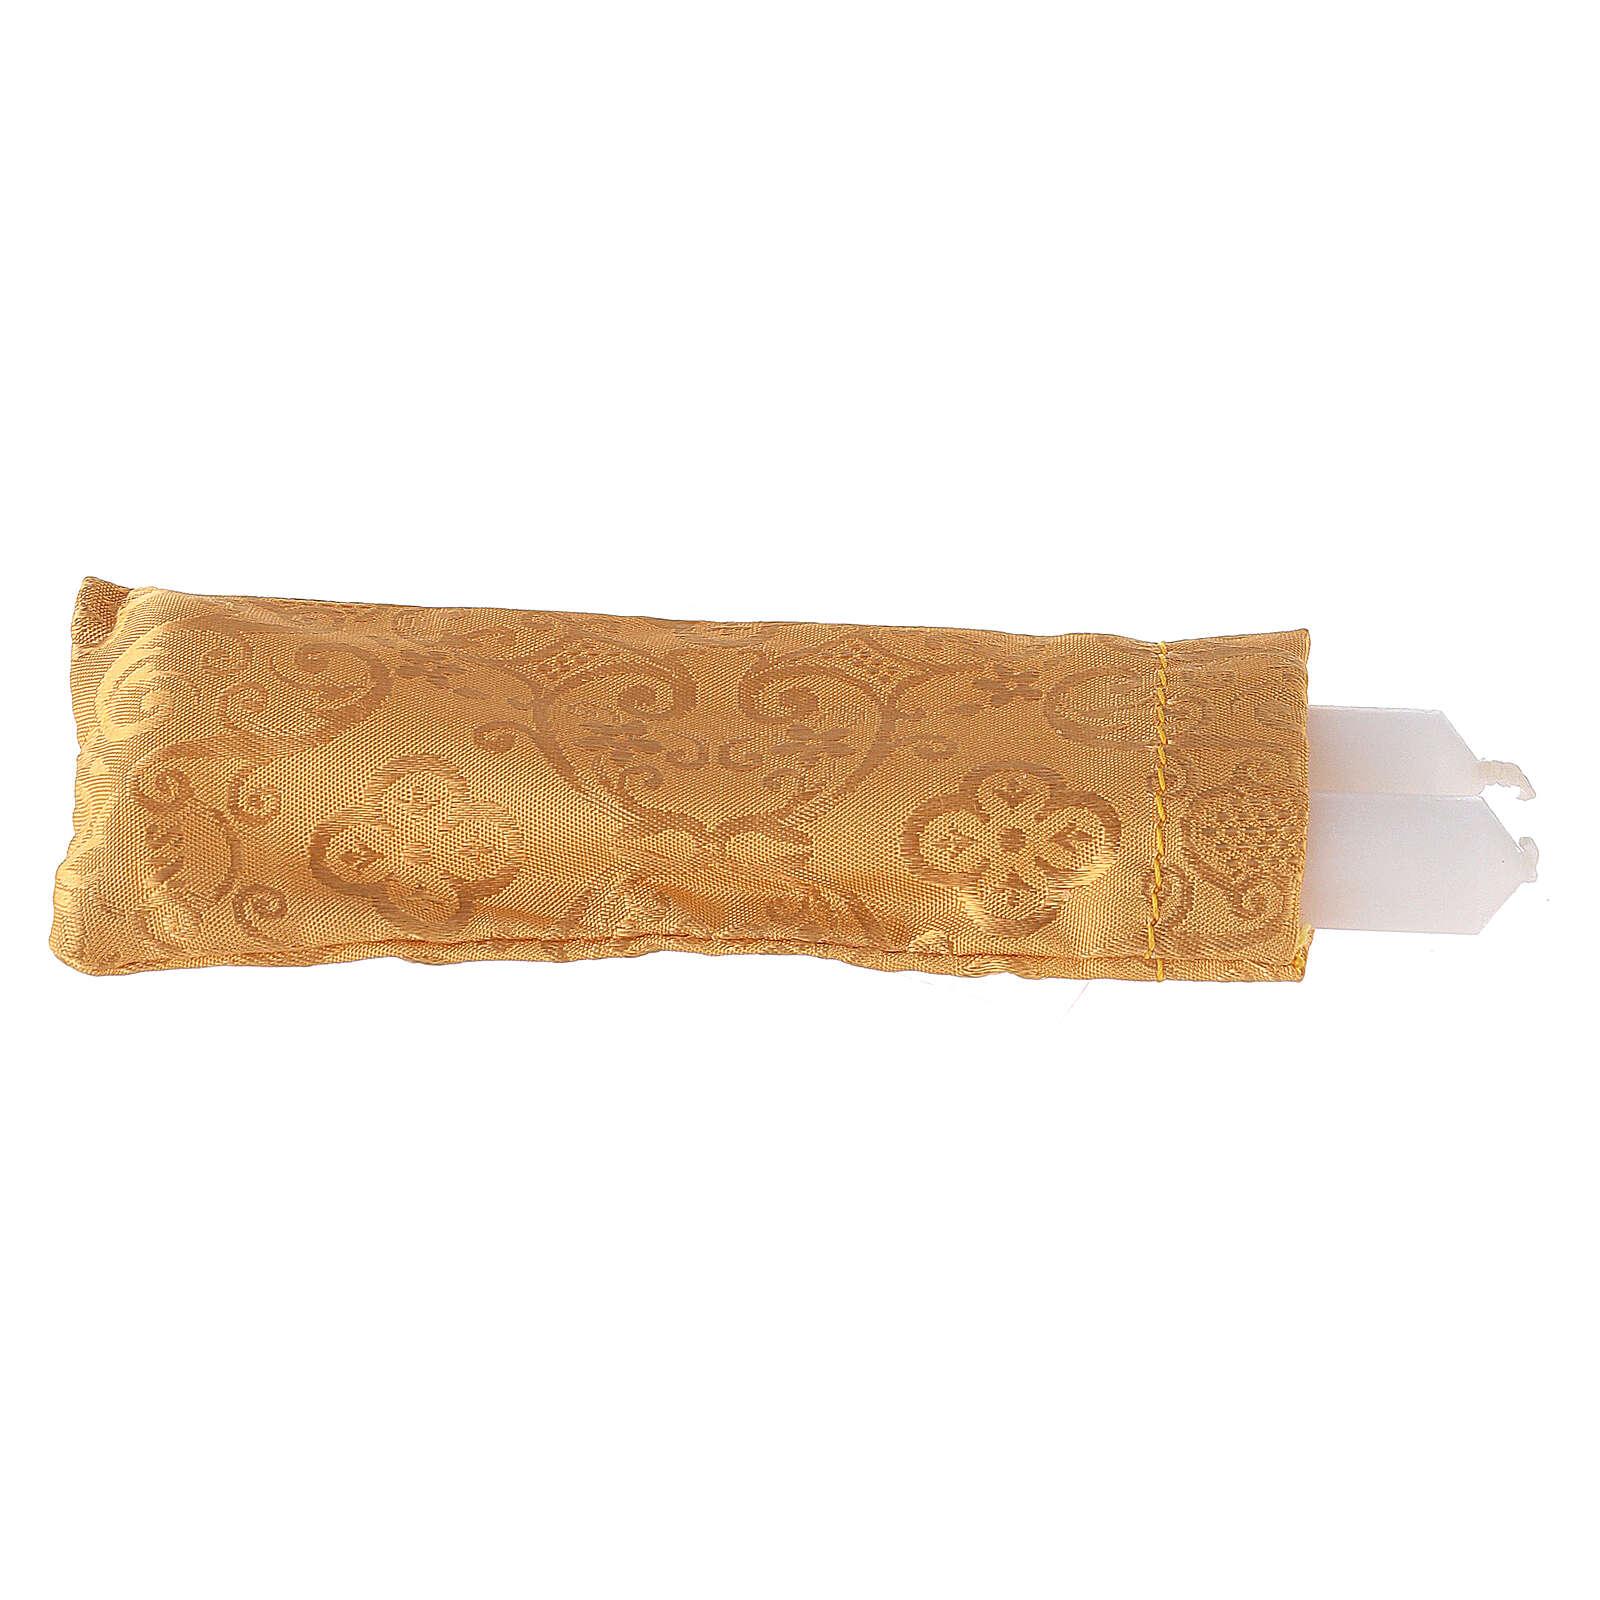 Valigetta per celebrazione in abs con interno raso dorato 3